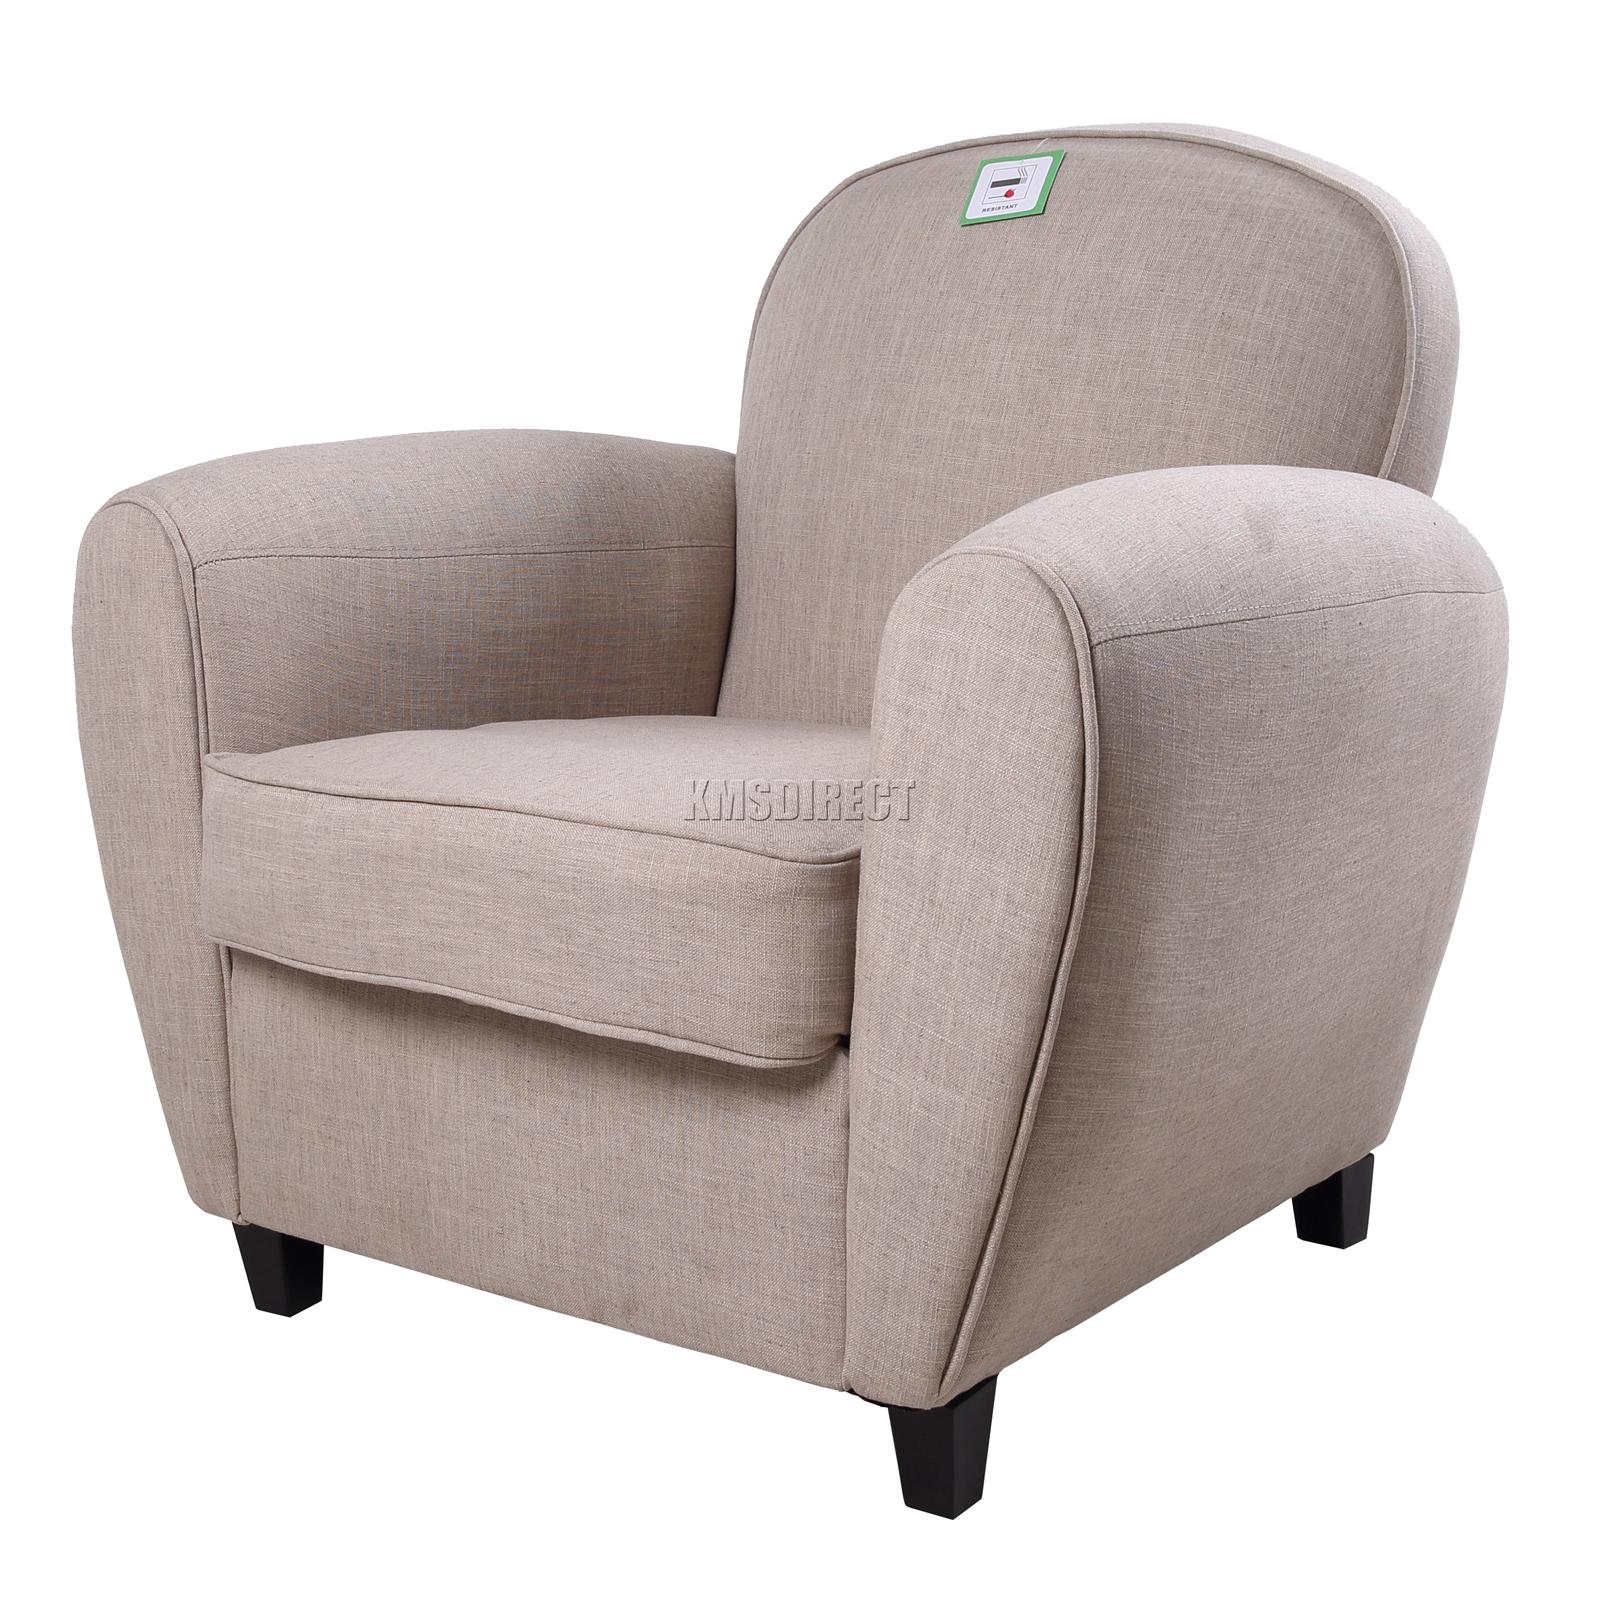 Foxhunter tessuto lino poltrona a pozzetto 2094 divano sala soggiorno crema ebay - Divano traduzione inglese ...